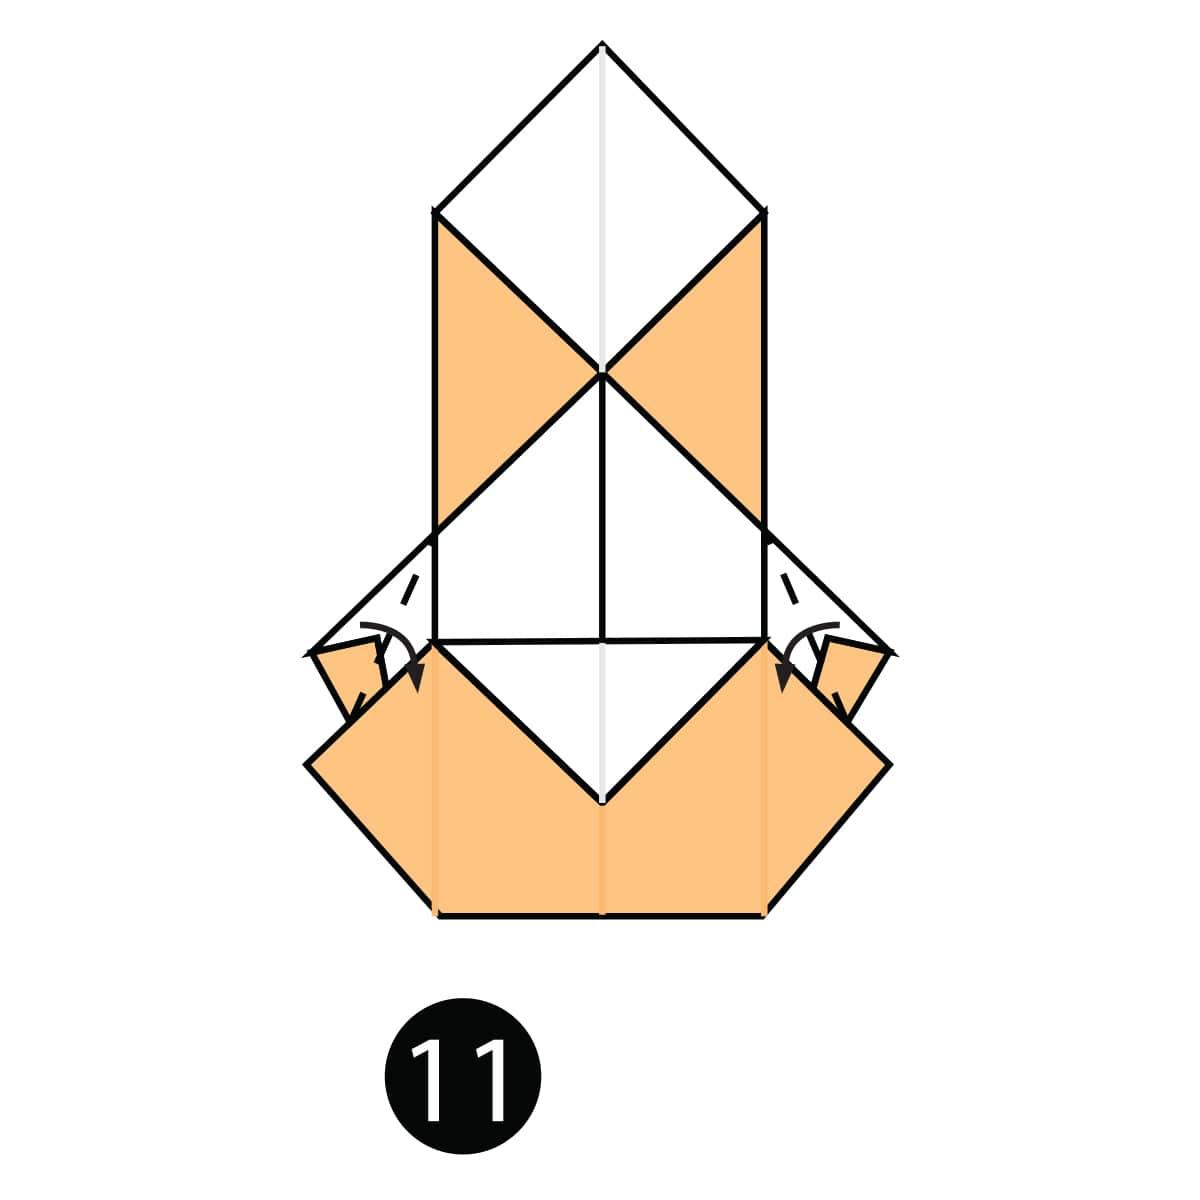 ORIGAMI FLUFFY - TEDDY BEAR TUTORIAL (Marc Kirschenbaum) 折り紙 ... | 1200x1200